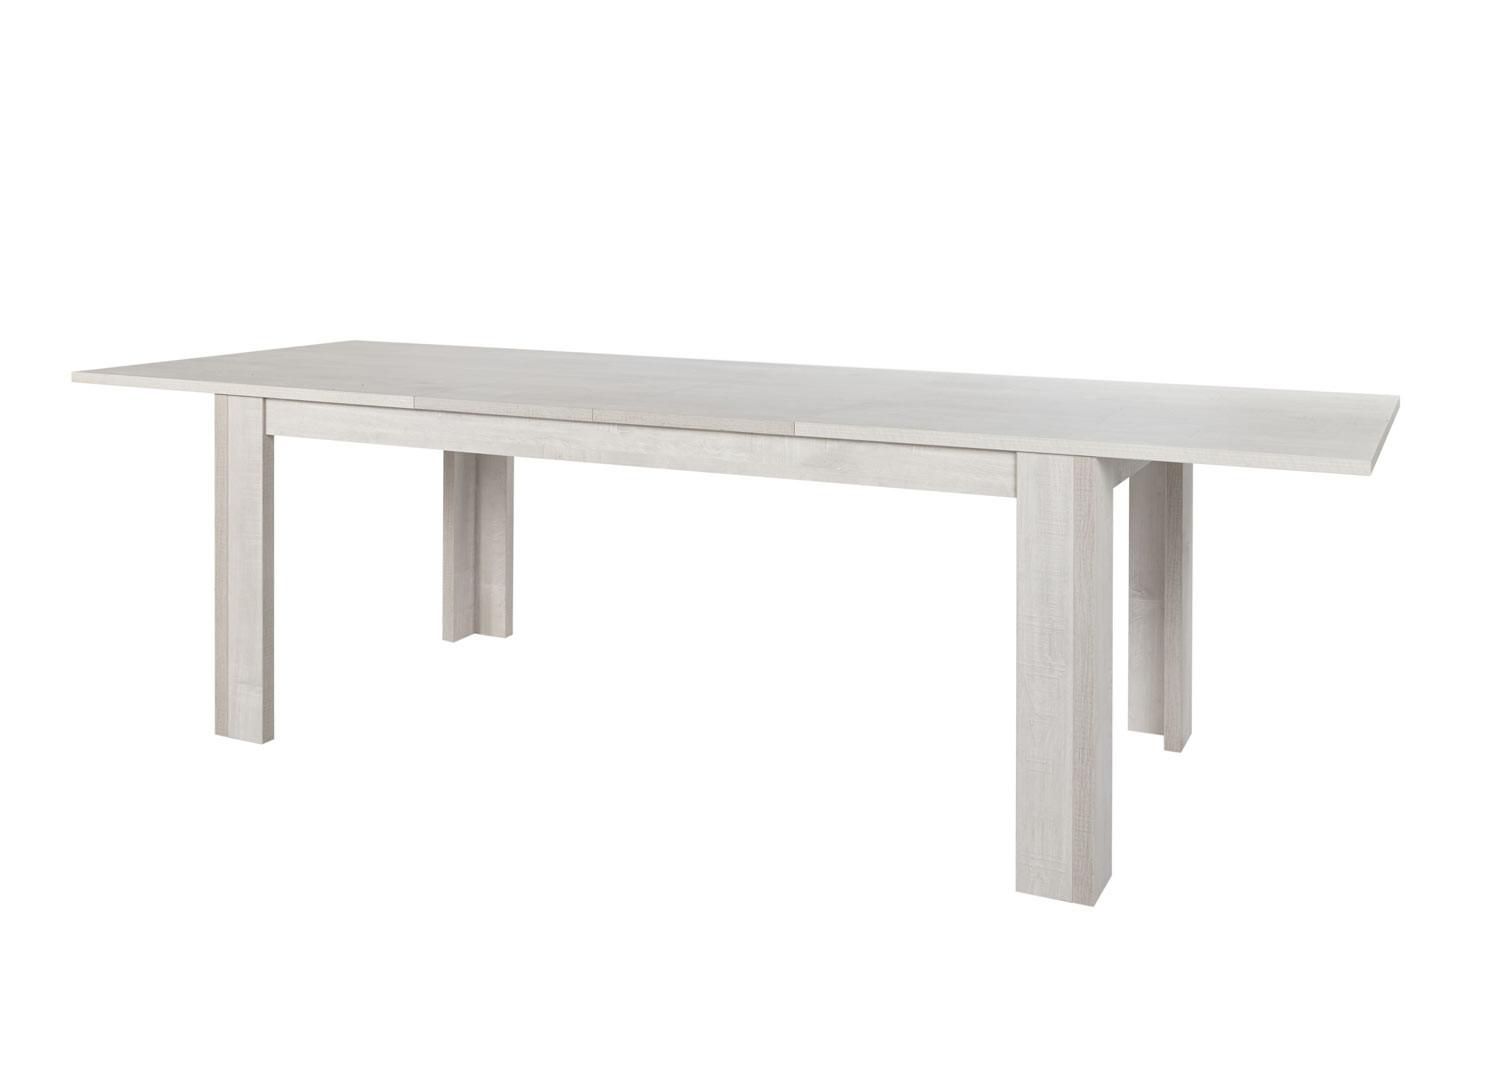 Table de salle à manger extensible contemporaine chêne clair Marijo